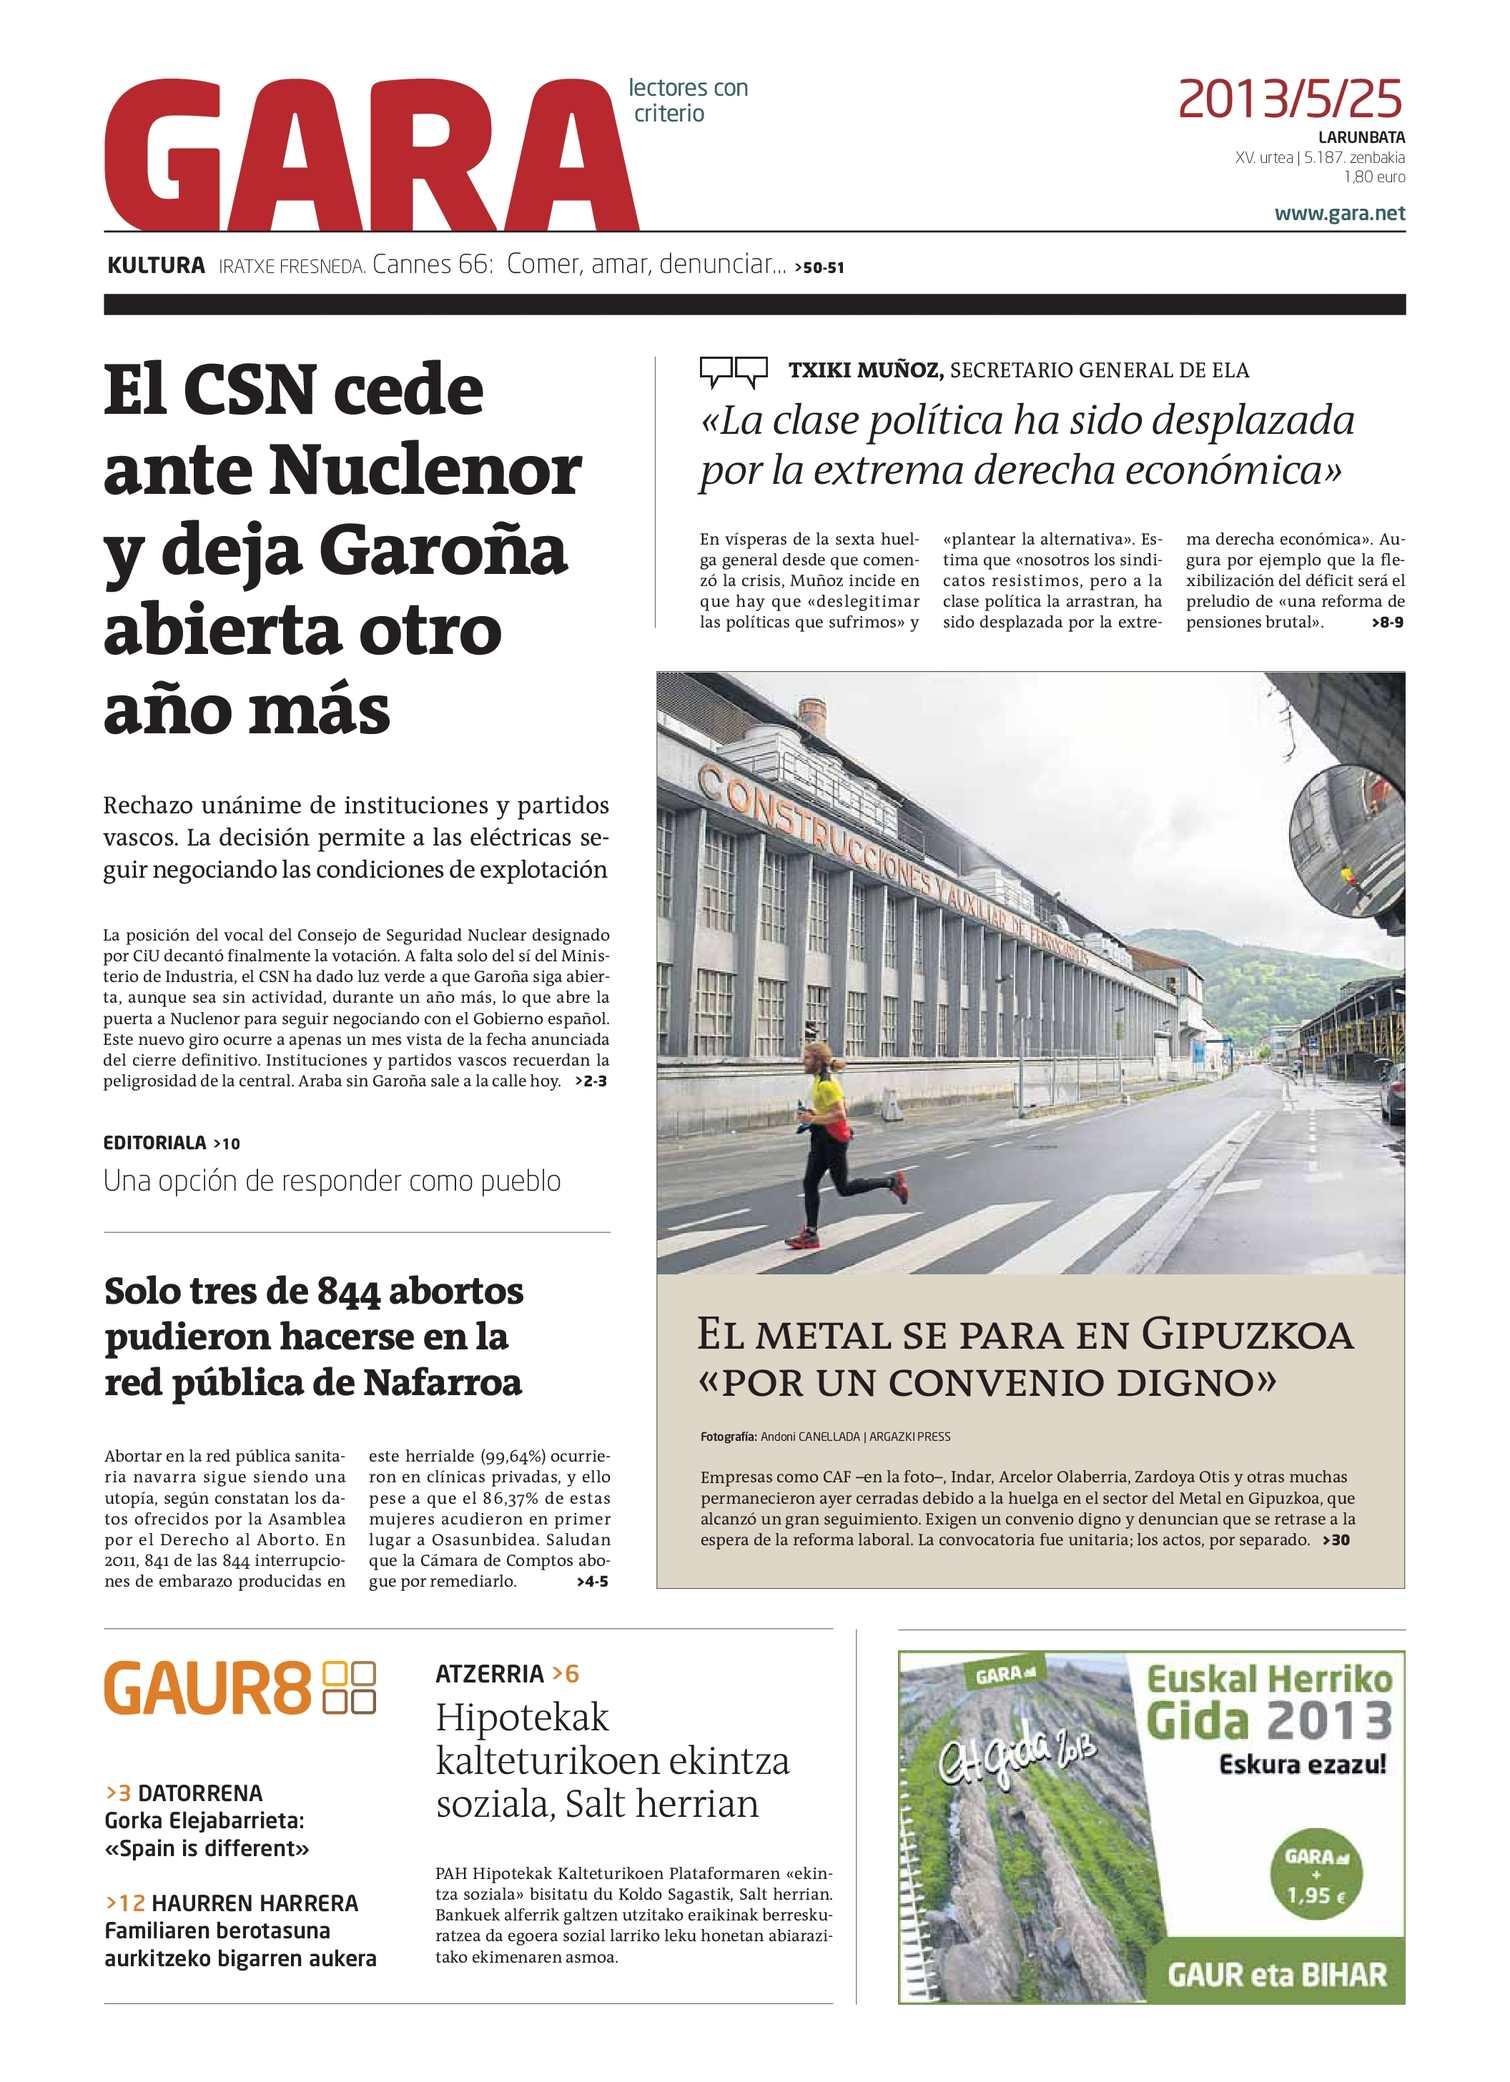 Calaméo - GARA 20130525